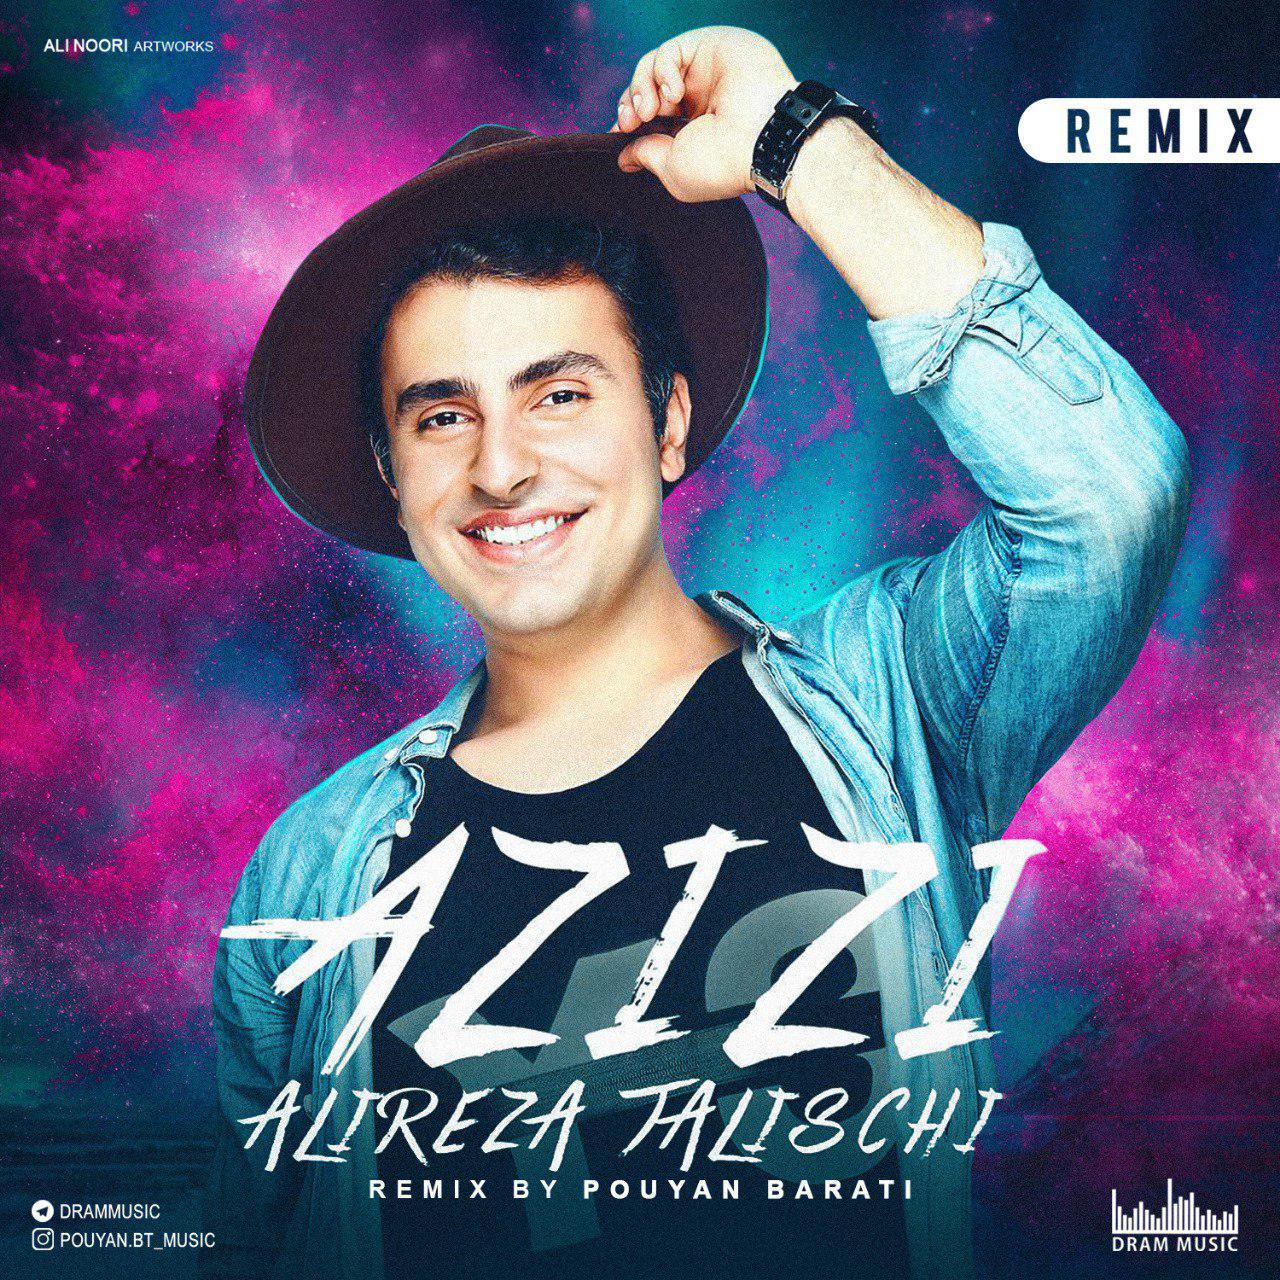 Alireza Talischi – Azizi (Pouyan Barati Remix)